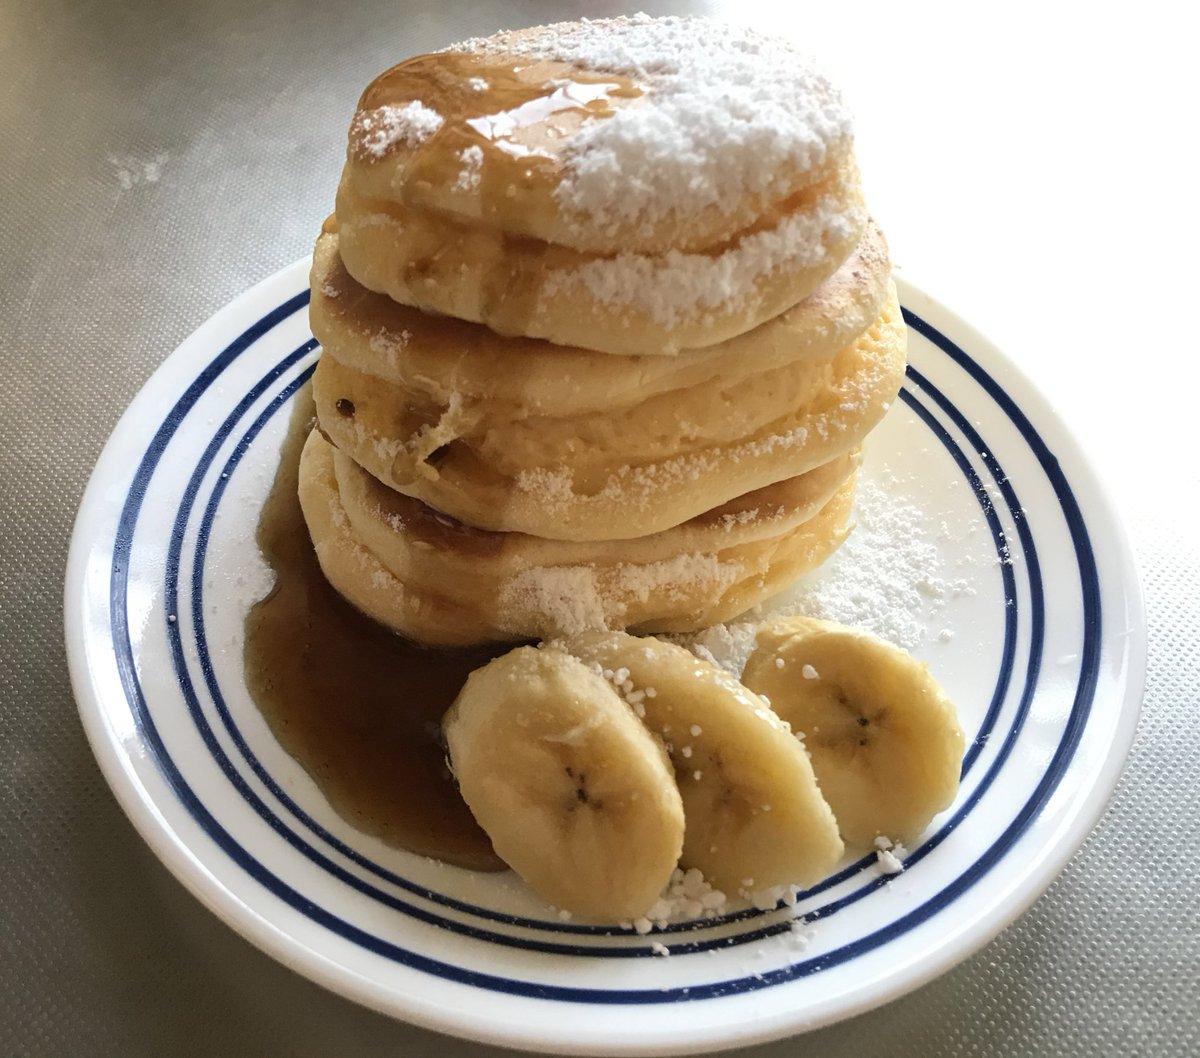 森永製菓のふわふわパンケーキミックスがすごい!生地が分厚くスフレのような食感で本格パンケーキが楽しめる!